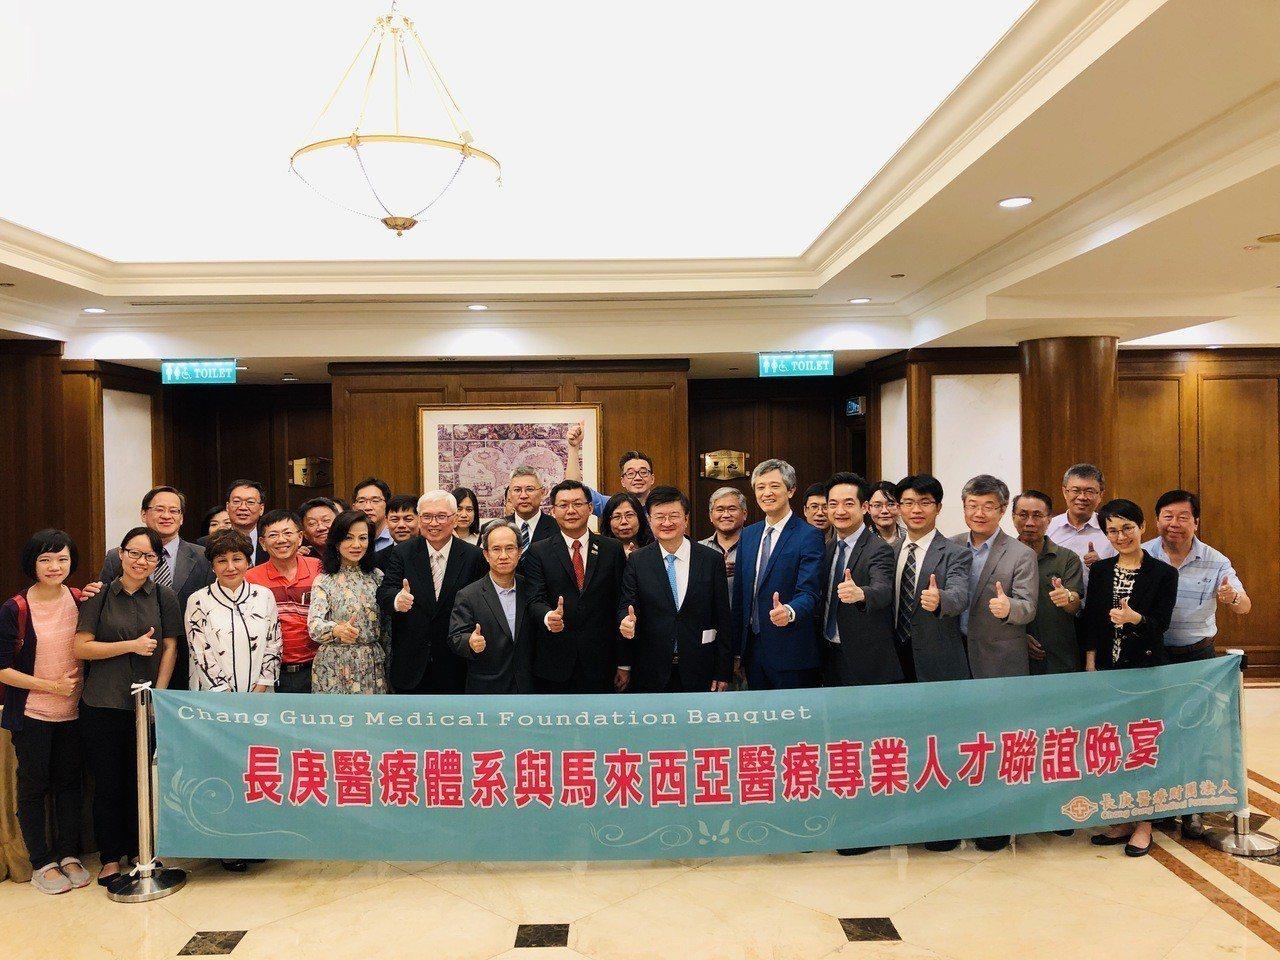 長庚醫療團於馬來西亞檳城舉辦癌症治療新技術研討會,並與普特拉醫療中心(PMC)及...